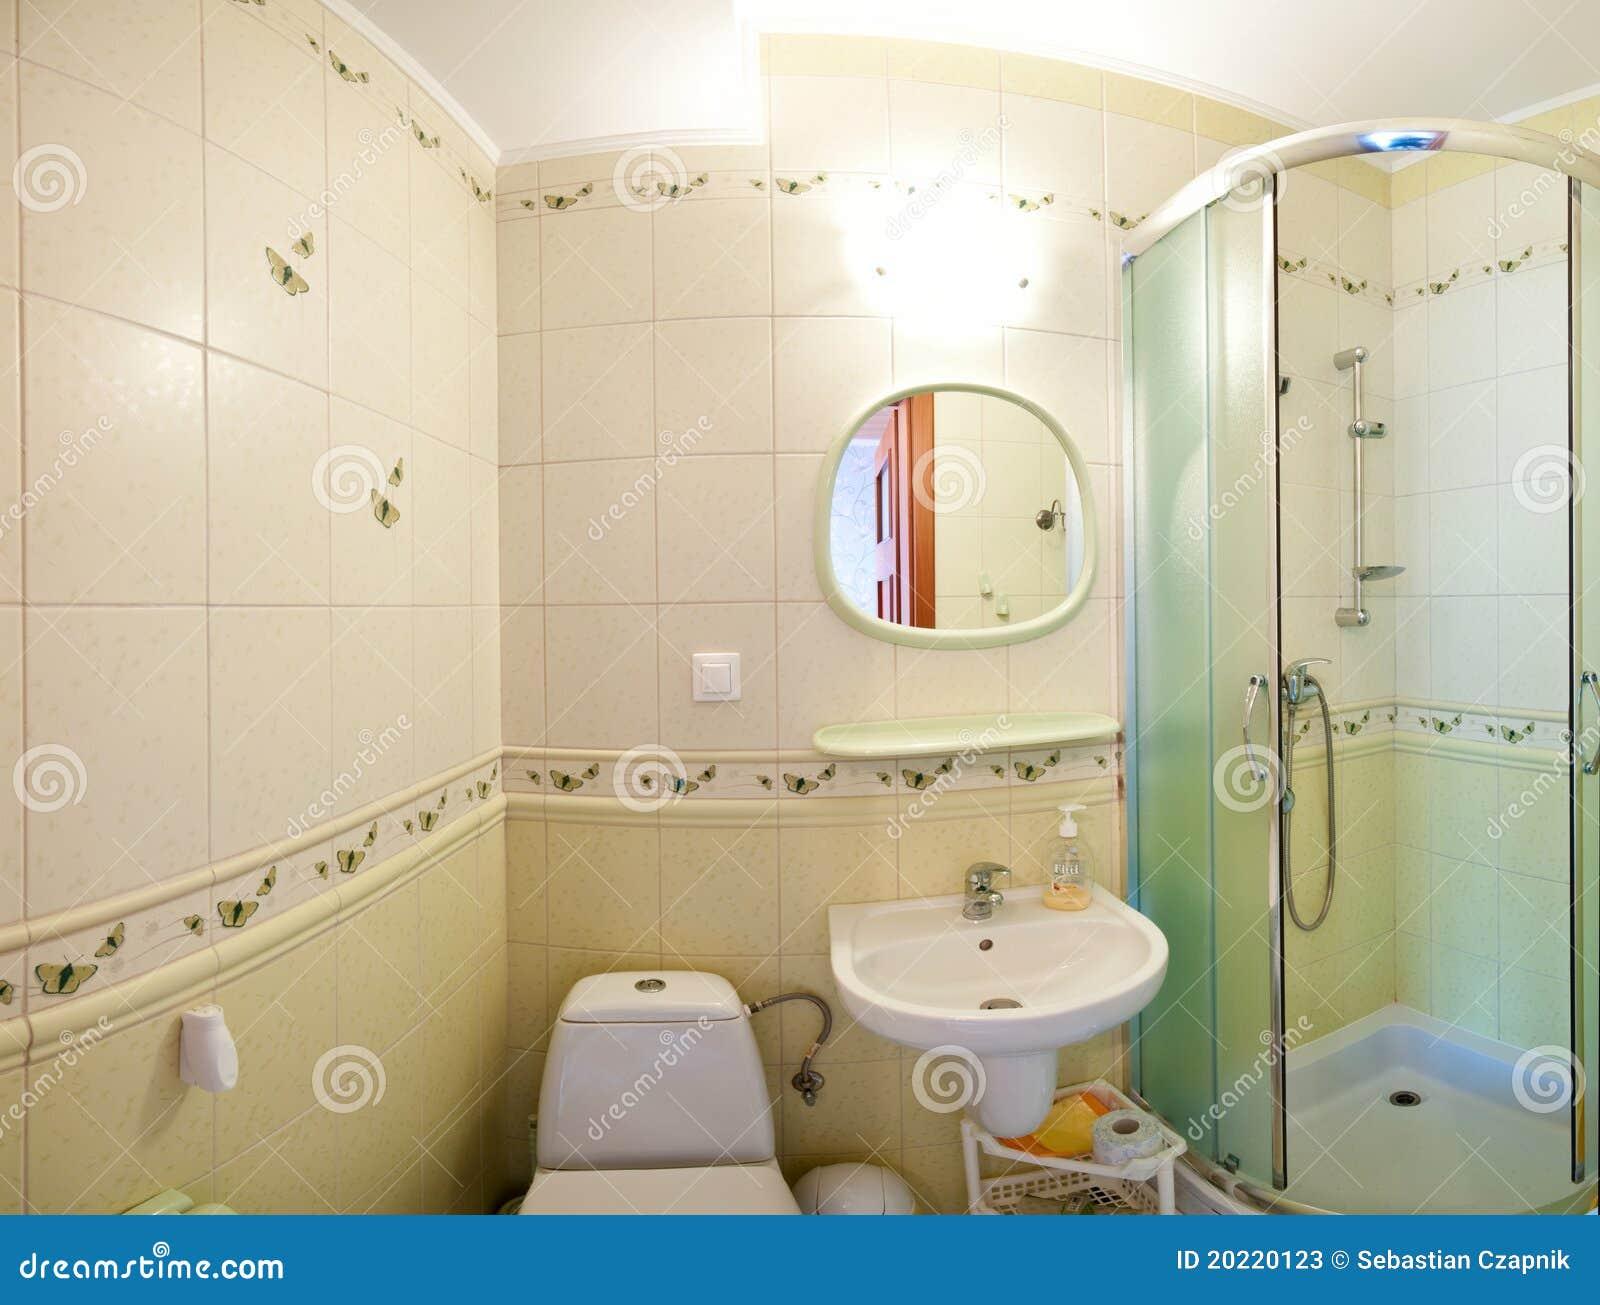 Banheiro Verde Fotos de Stock  Imagem 20220123 # Banheiro Moderno Verde